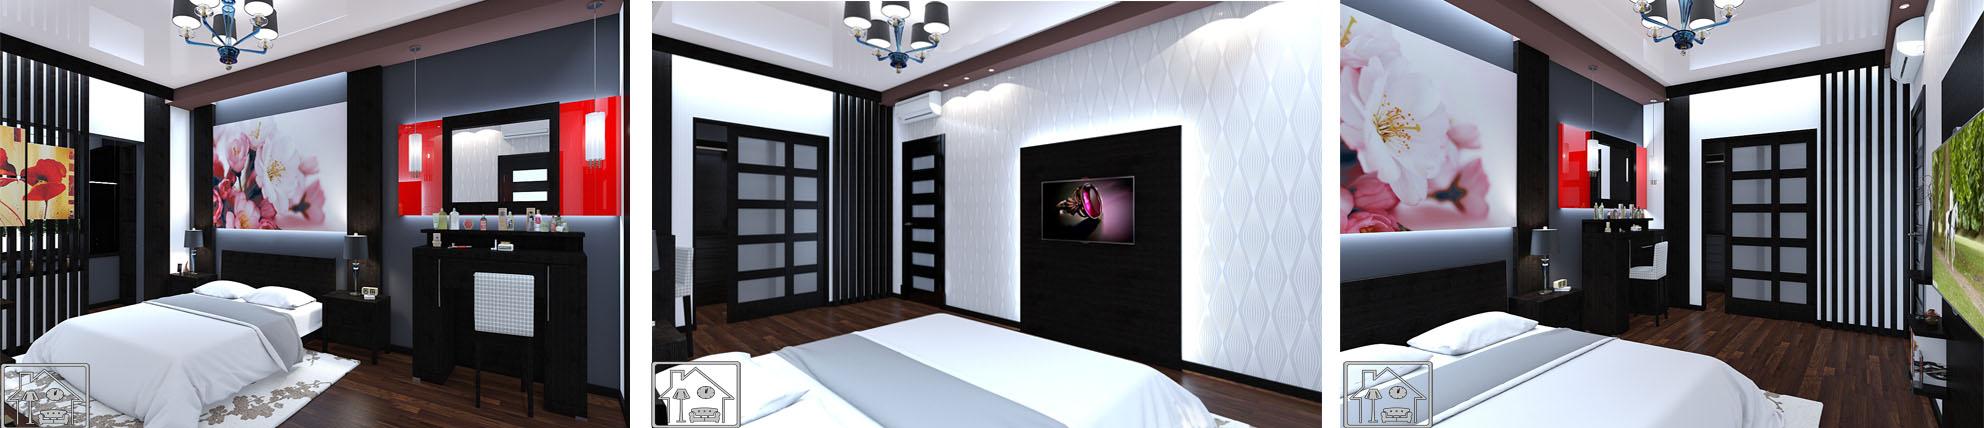 спальня 6 отраженная